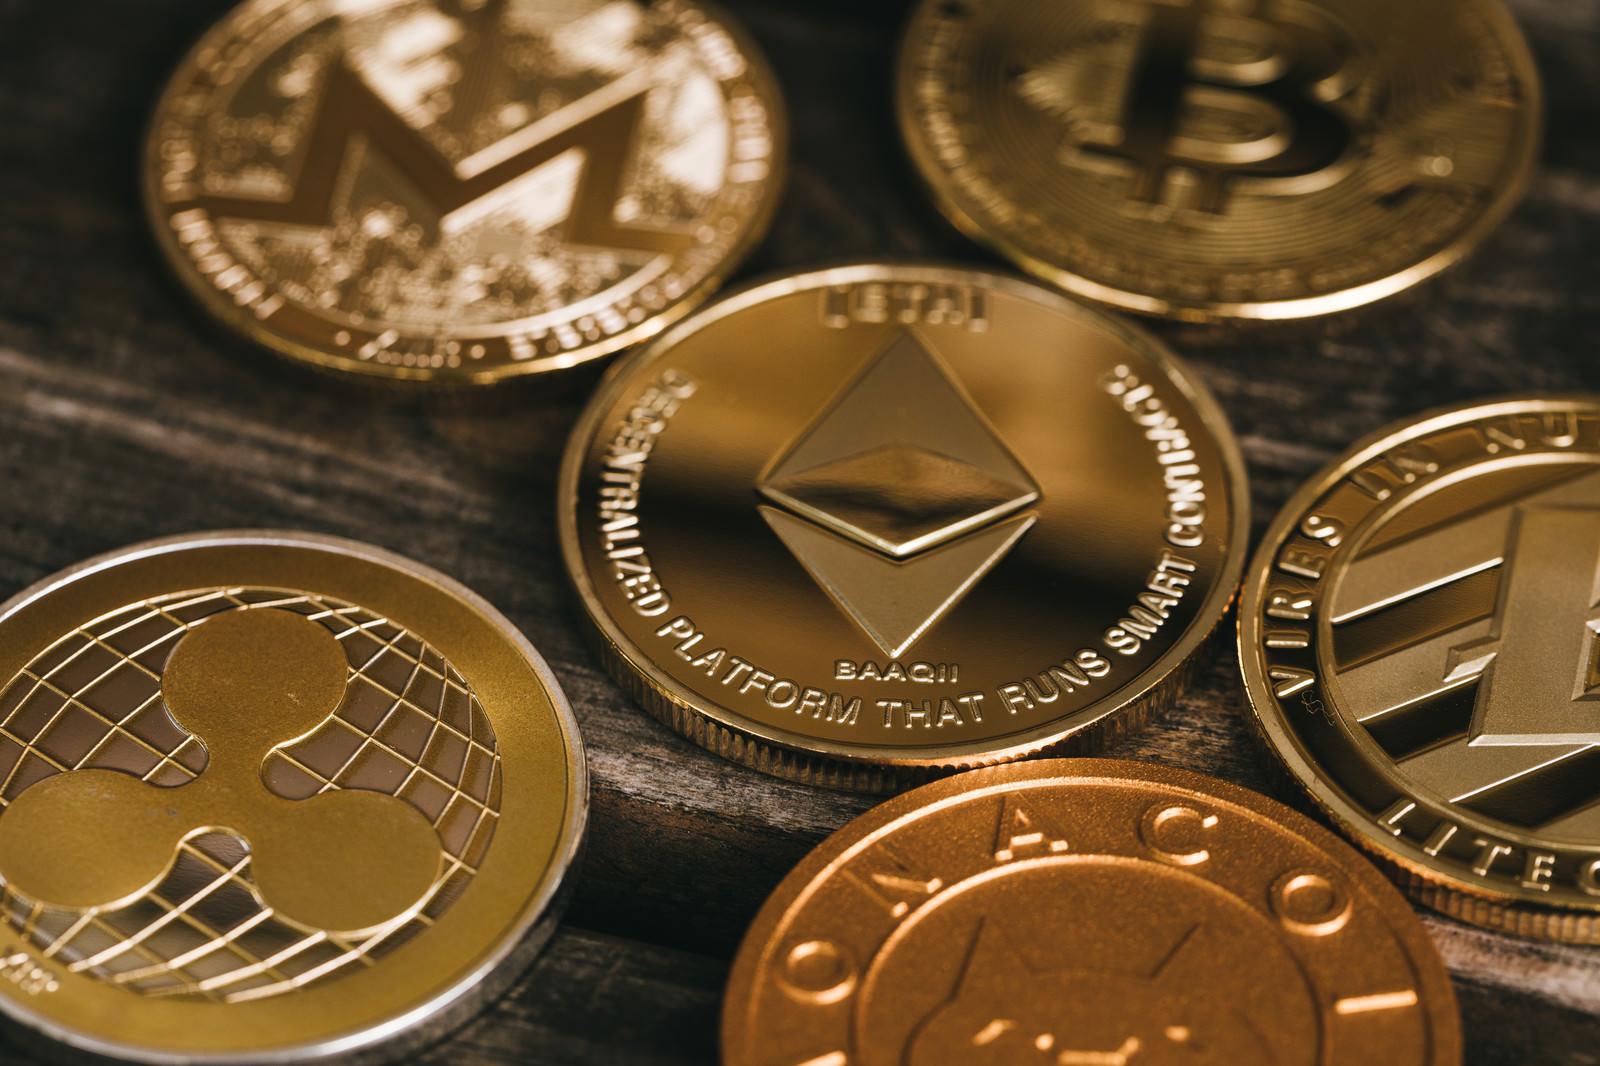 「黄金色に輝く仮想通貨(暗号資産)」の写真